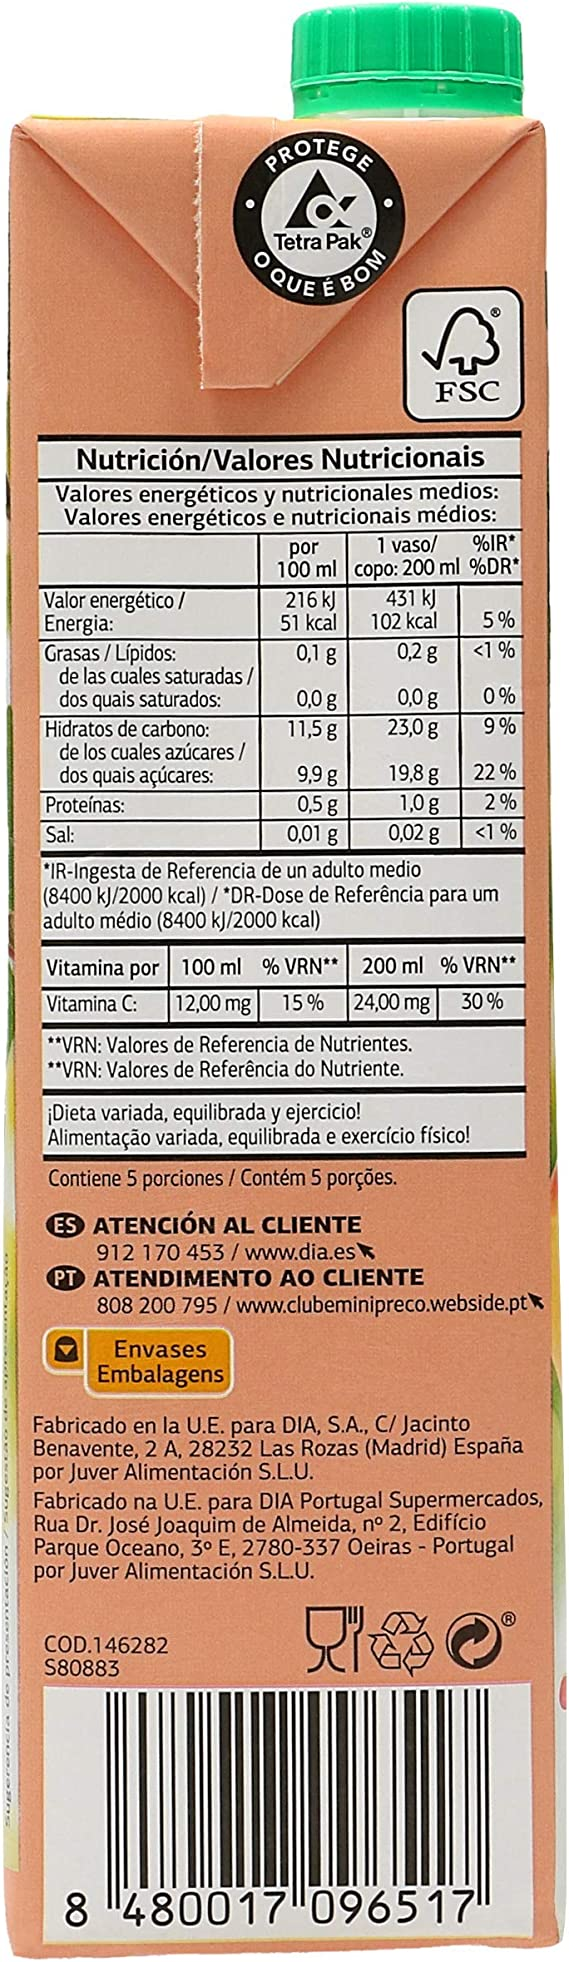 DIA - Zumo Melocotón Manzana Uva Envase 1 Lt: Amazon.es: Alimentación y bebidas